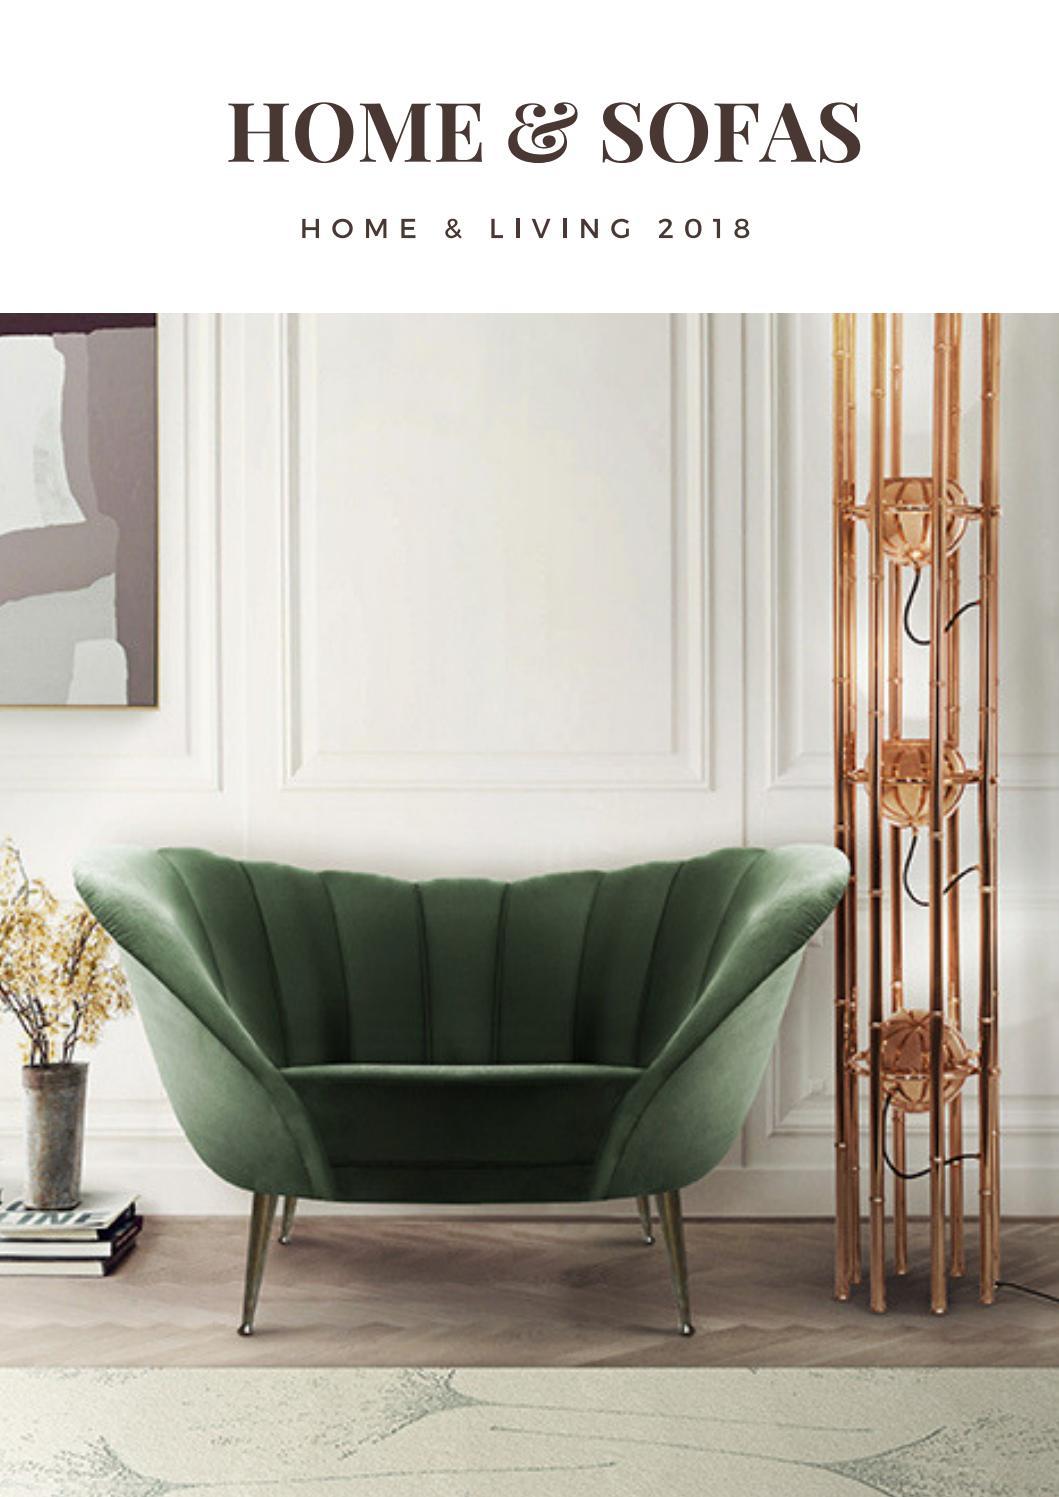 Modern sofas decor home ideas interior design trends 2018 luxury brands2 home living